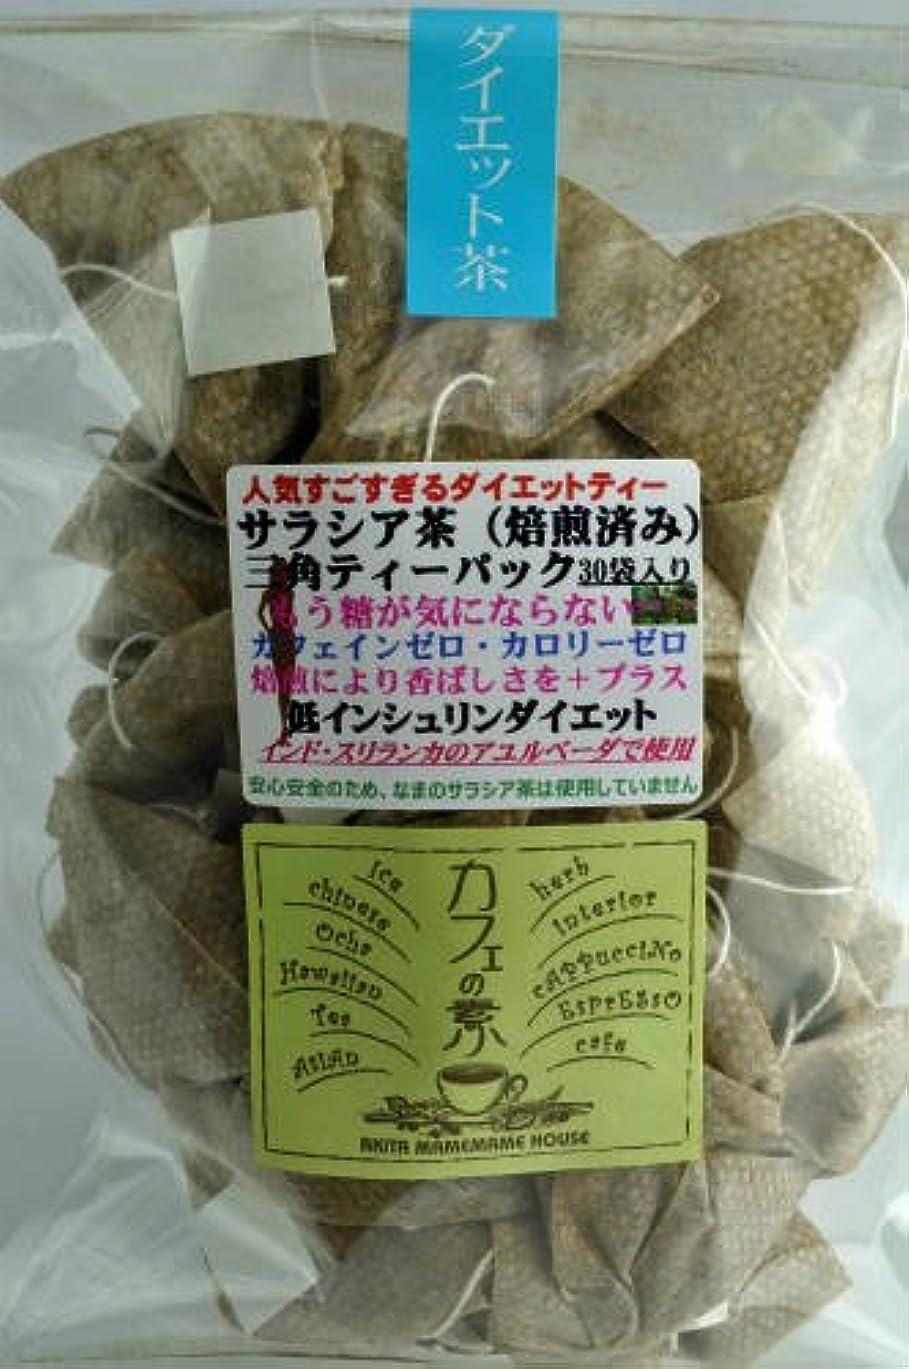 難破船想像力豊かなきちんとしたダイエットサラシア茶(焙煎済み)三角ティーパック【2.5g×30個入り】